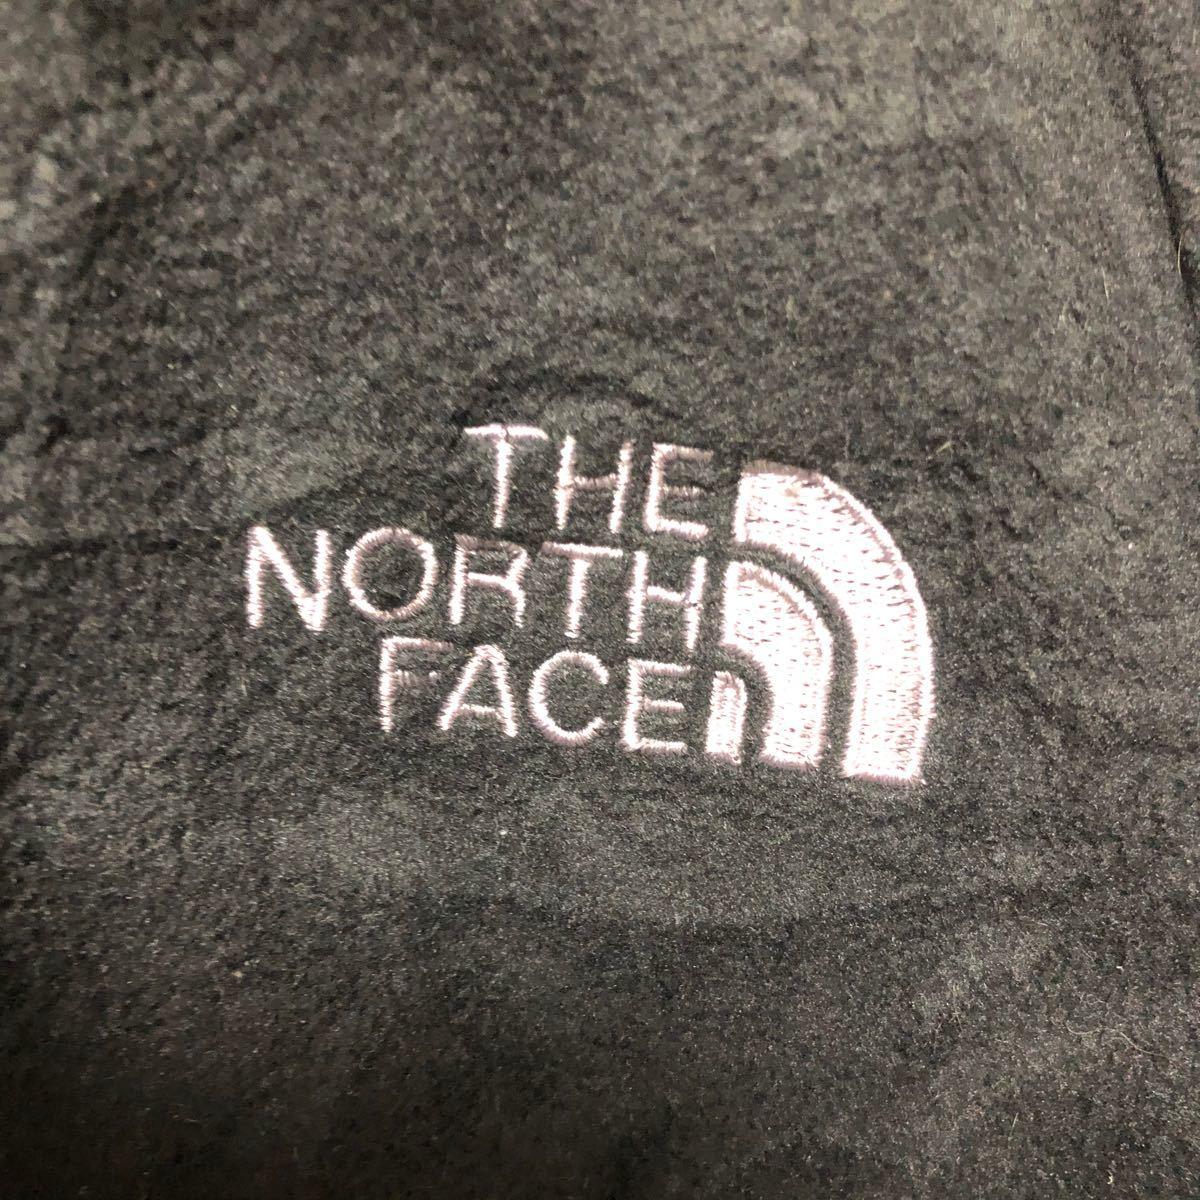 THE NORTH FACE フリースジャケット フリース